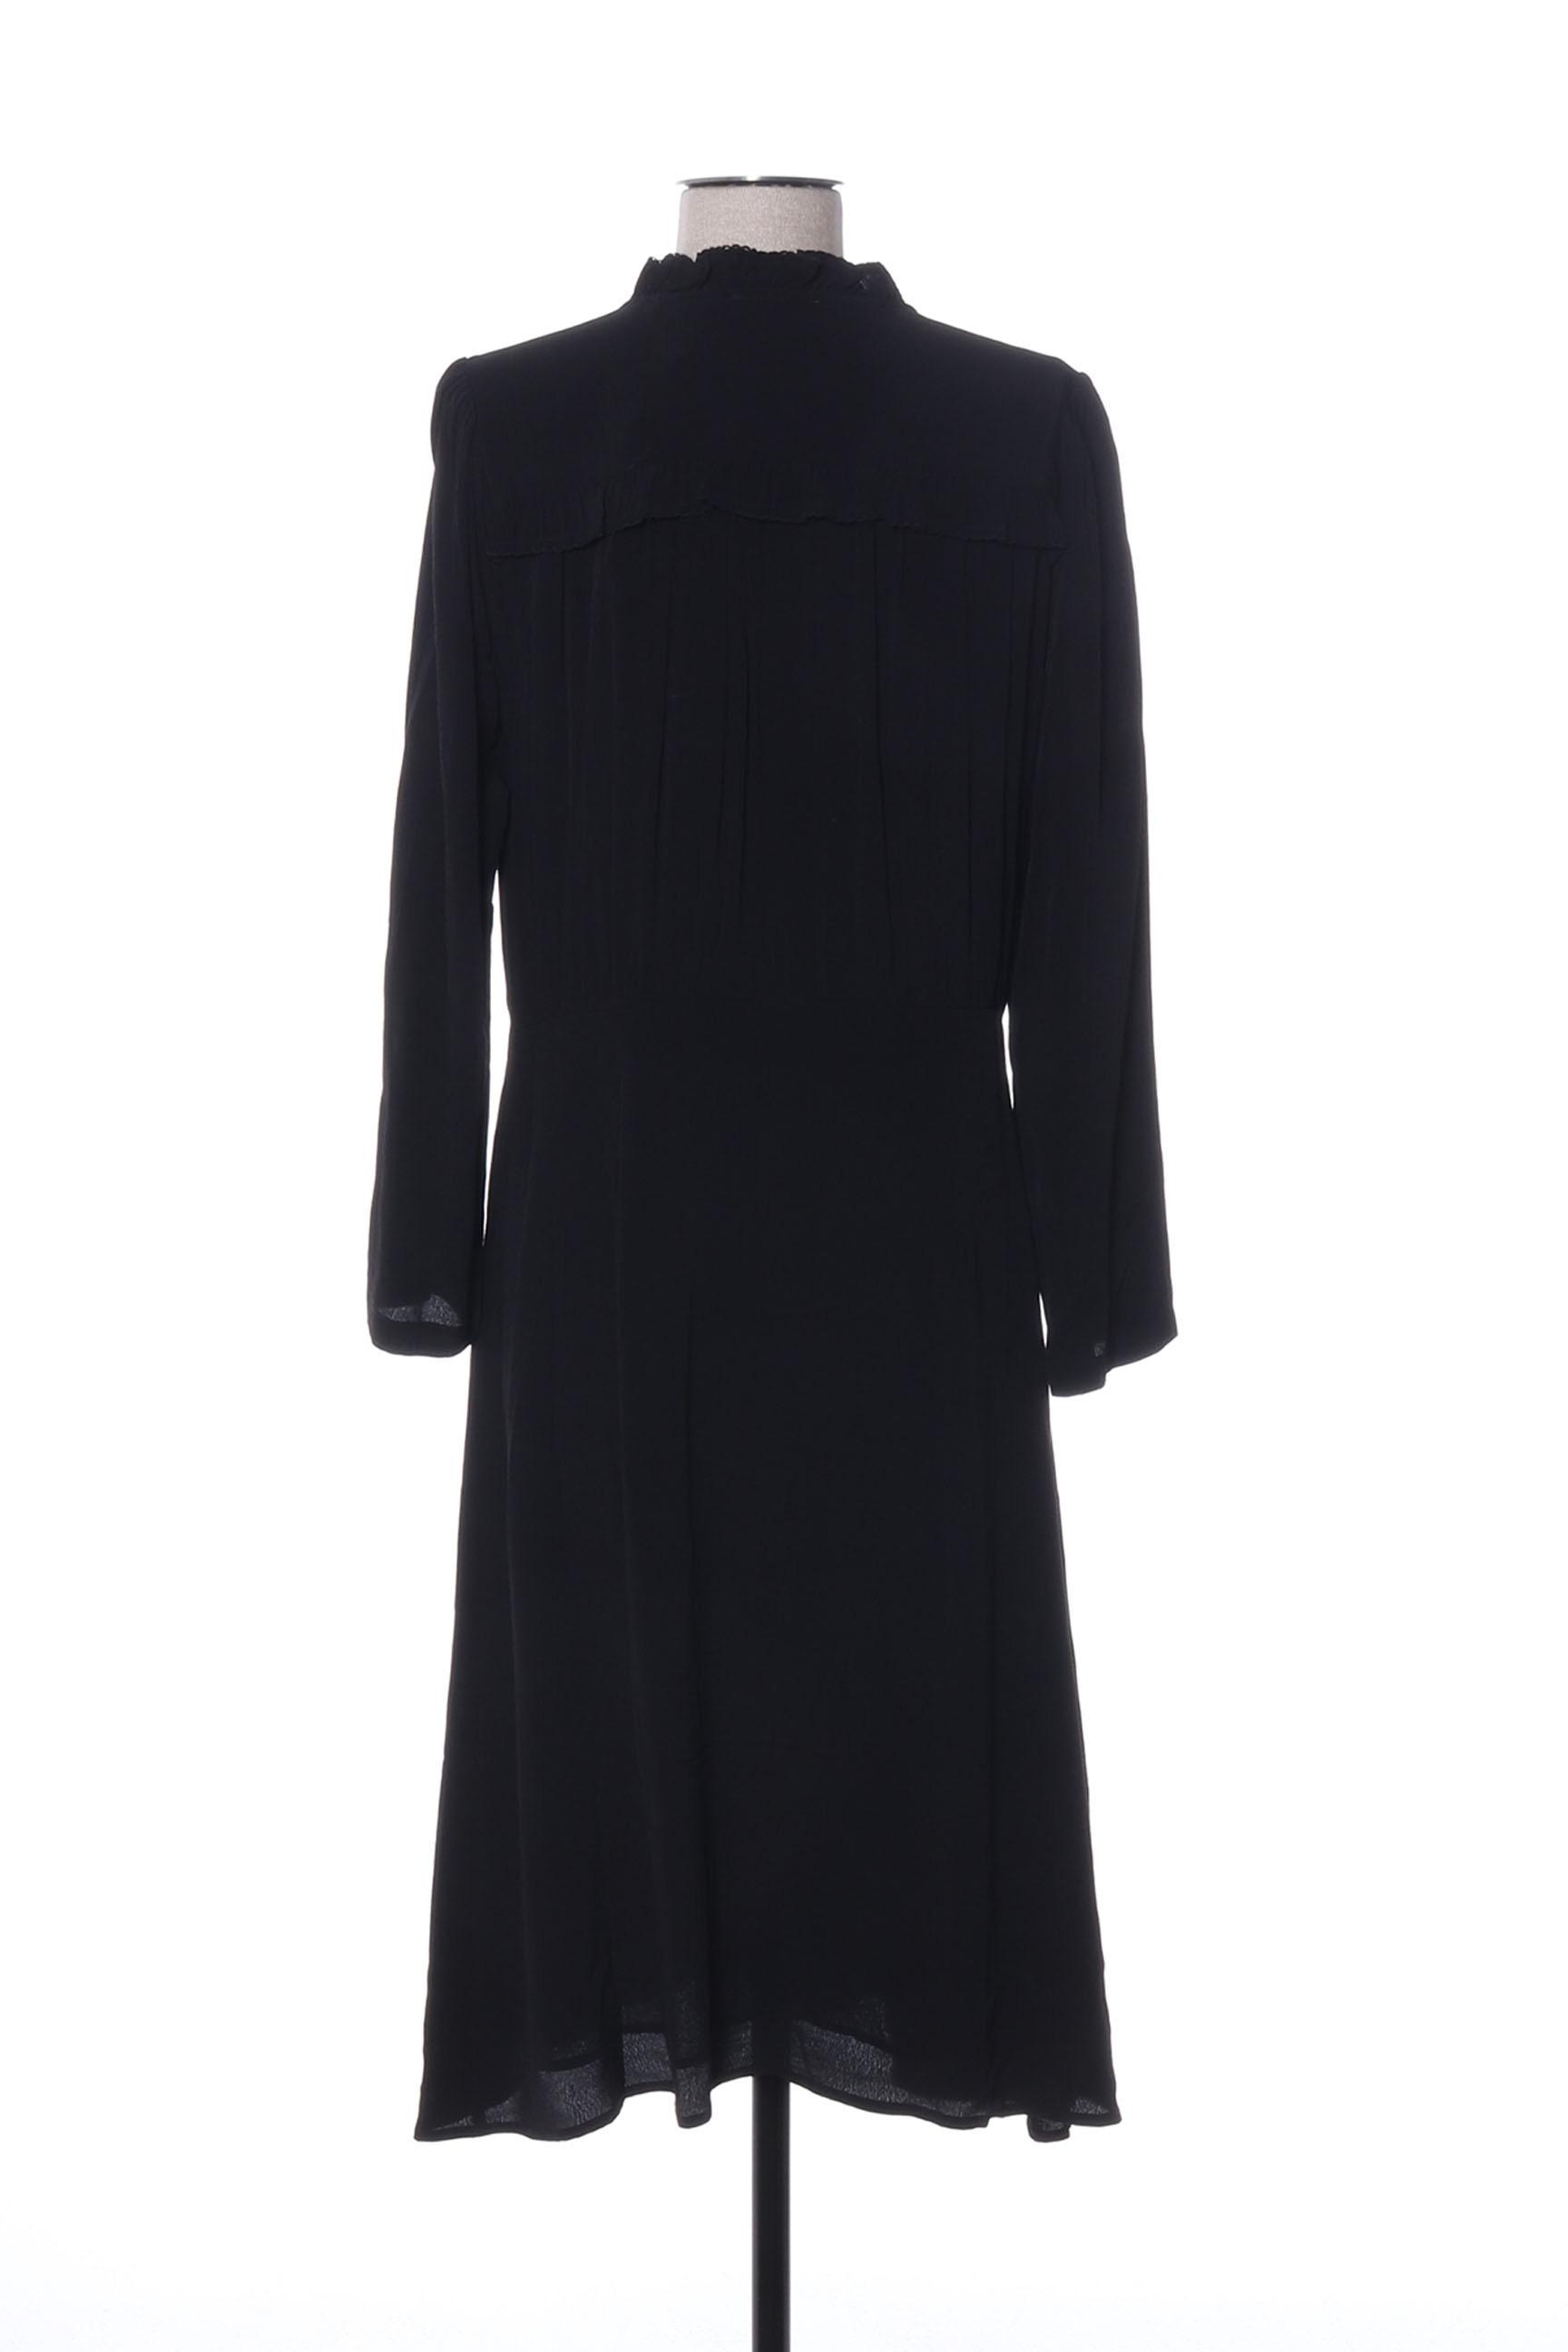 See U Soon Robes Mi Longues Femme De Couleur Noir En Soldes Pas Cher 1419187-noir00